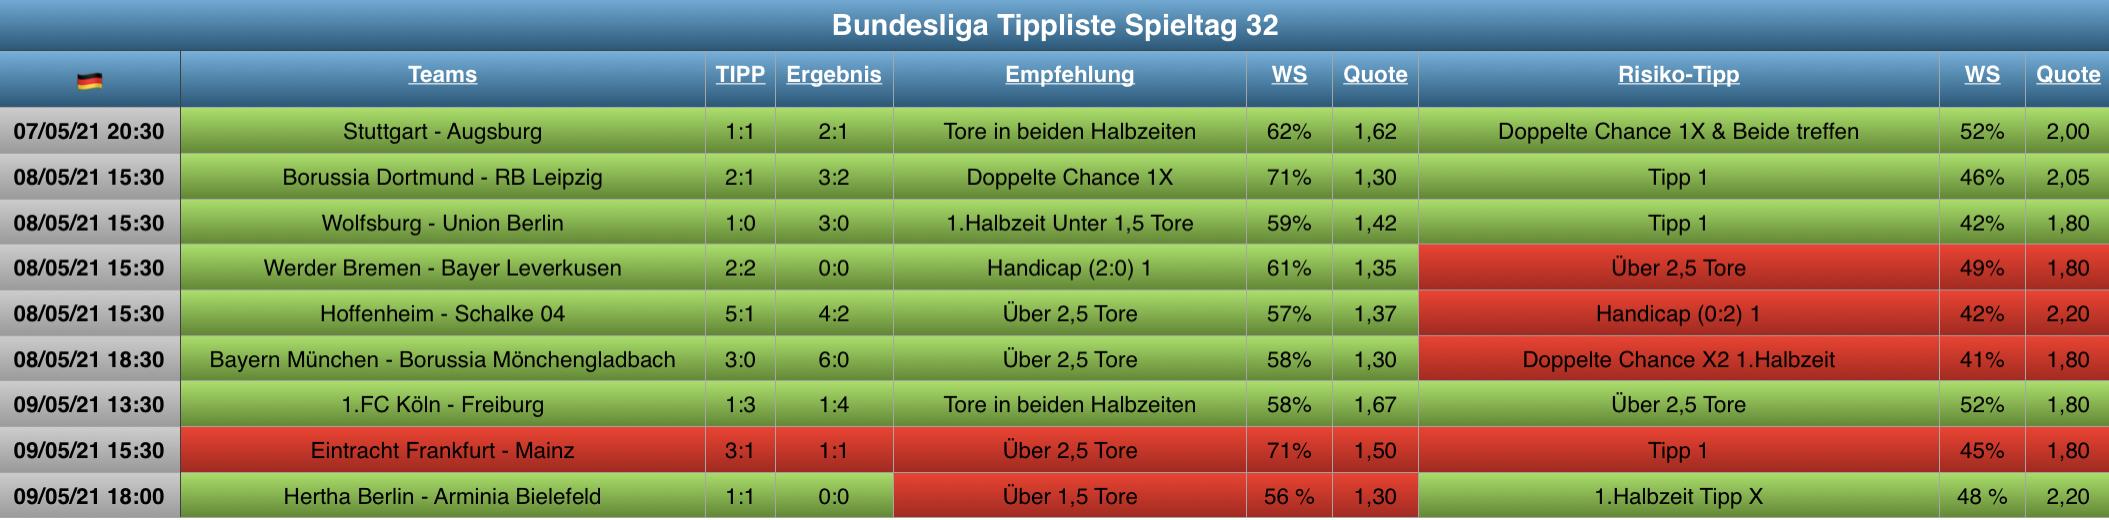 Tippliste Spieltag 32 / 2021 Auswertung